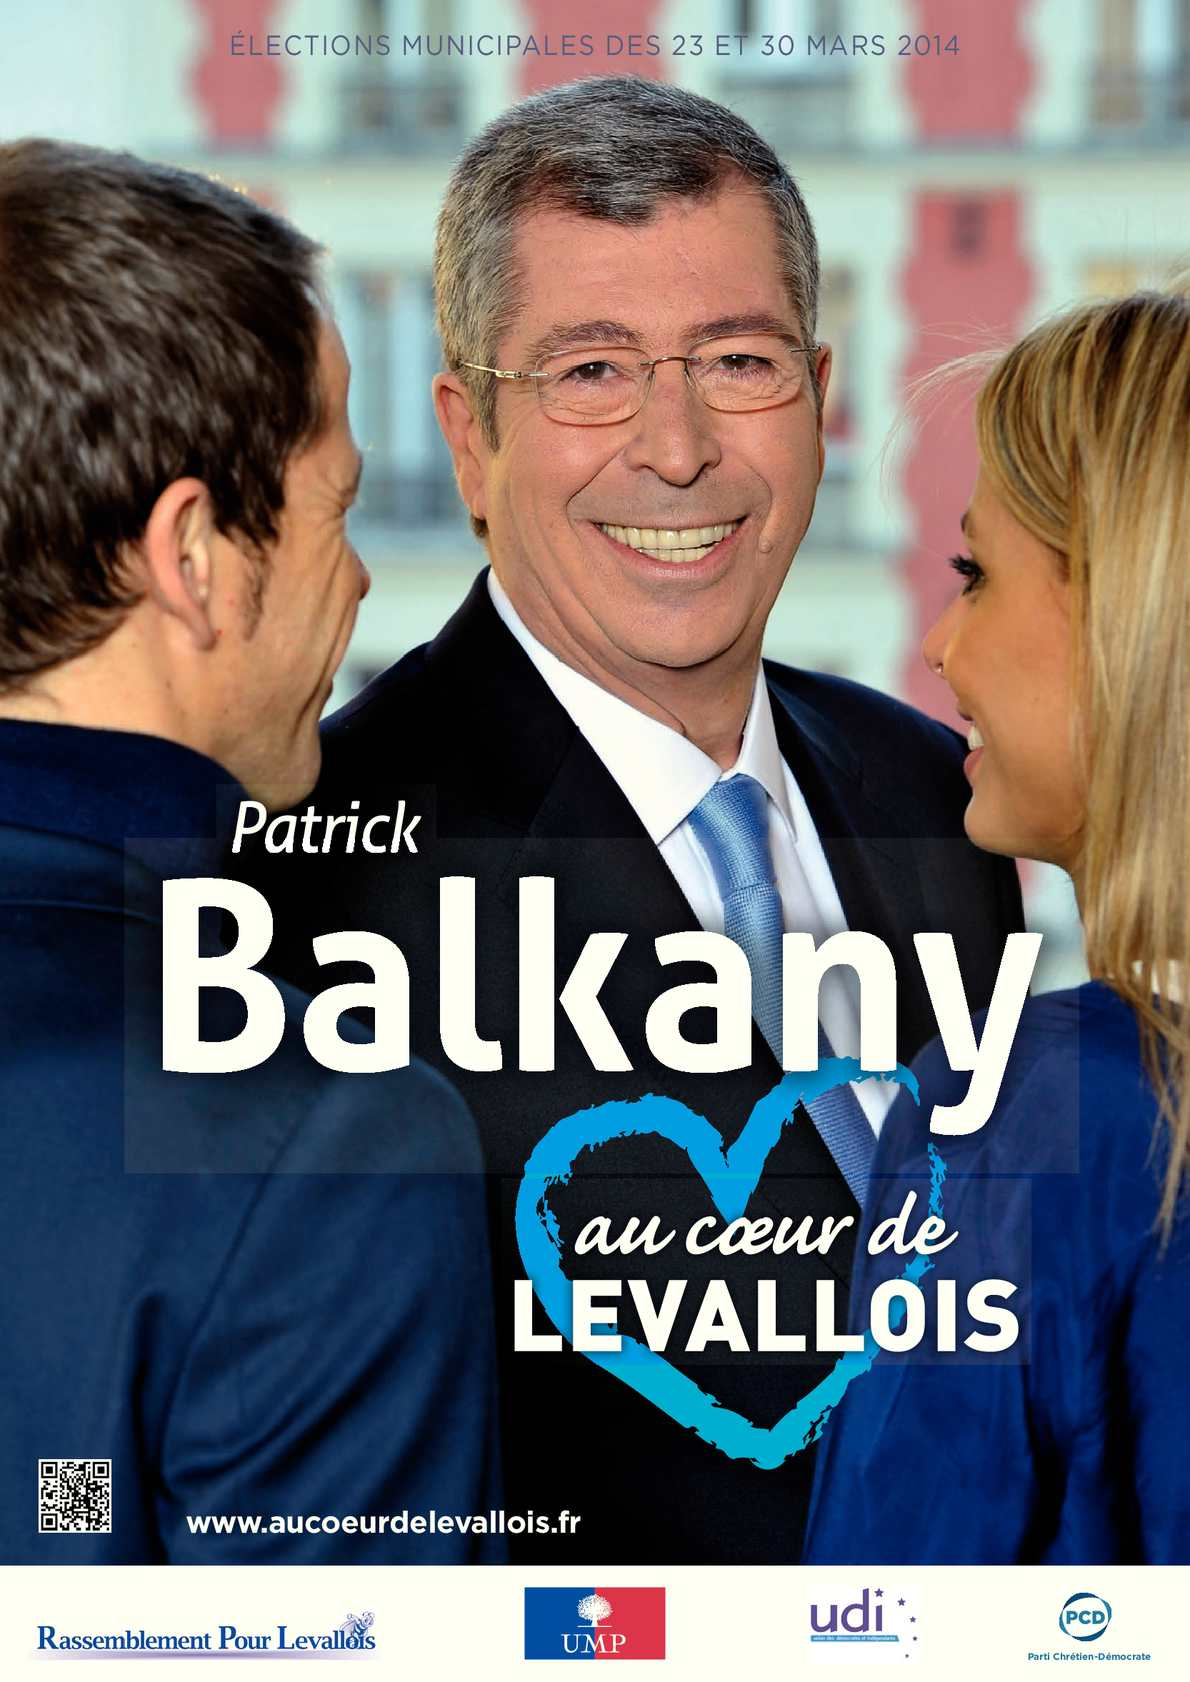 Mon programme pour Levallois | #aucoeurdelevallois